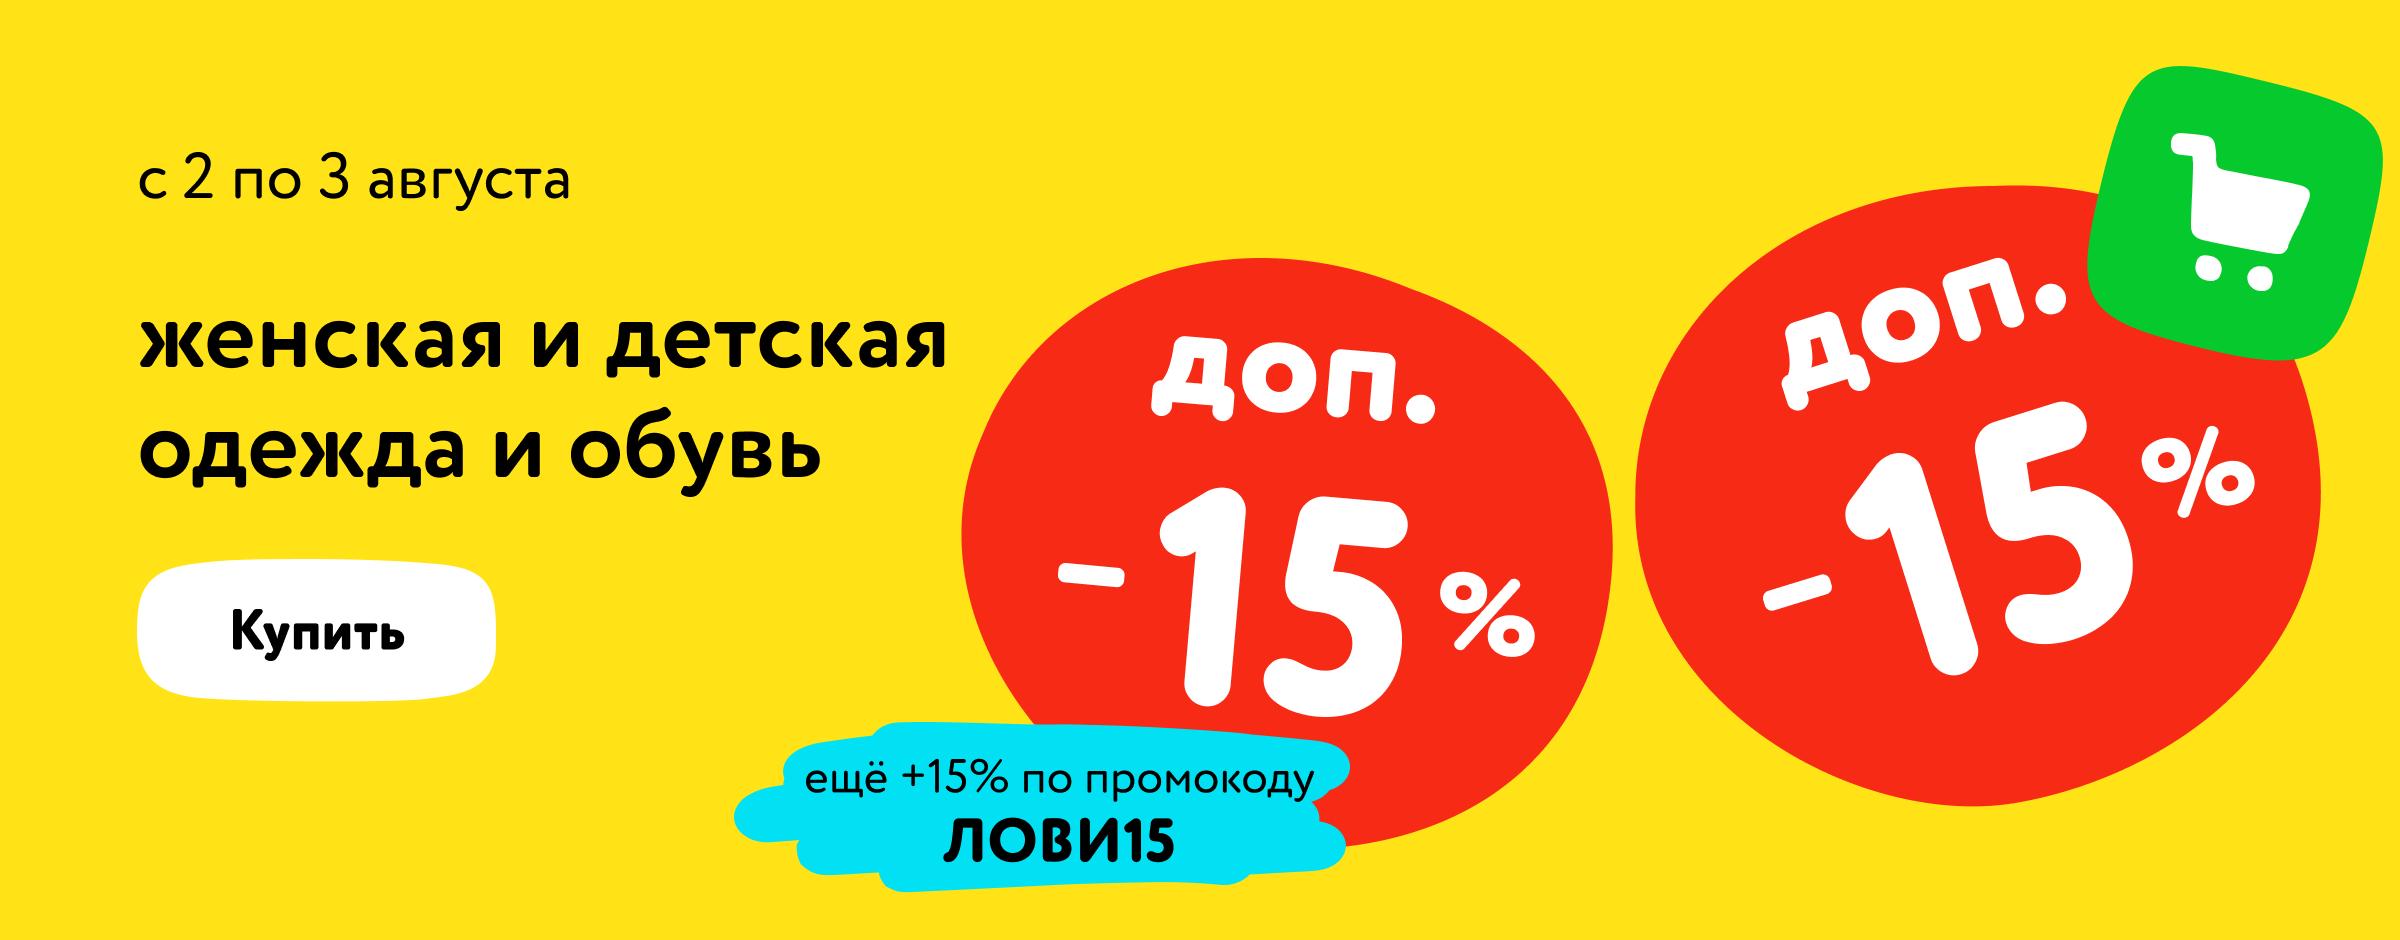 Доп. скидка 15% на одежду и обувь из выделенного ассортимента в корзине + скидка 15% по коду